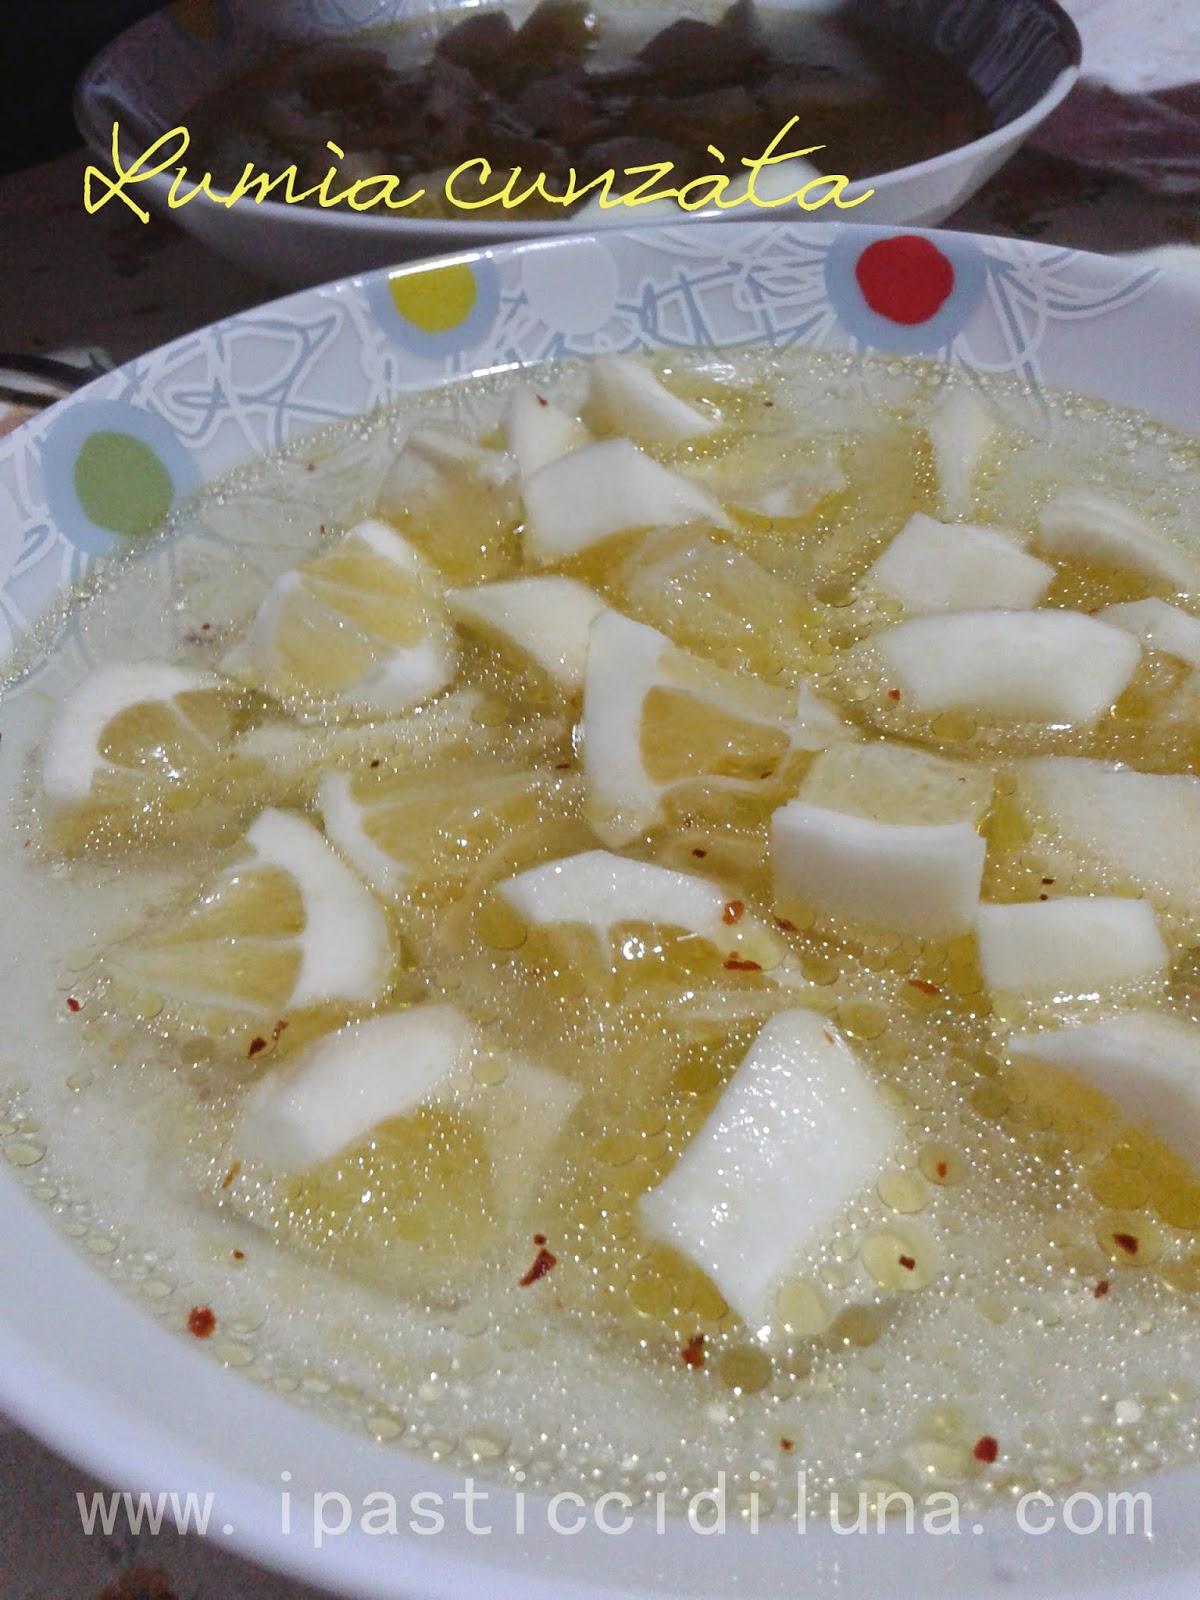 I pasticci di luna ricetta lum a cunz ta pane e limone - Antica cucina siciliana ...